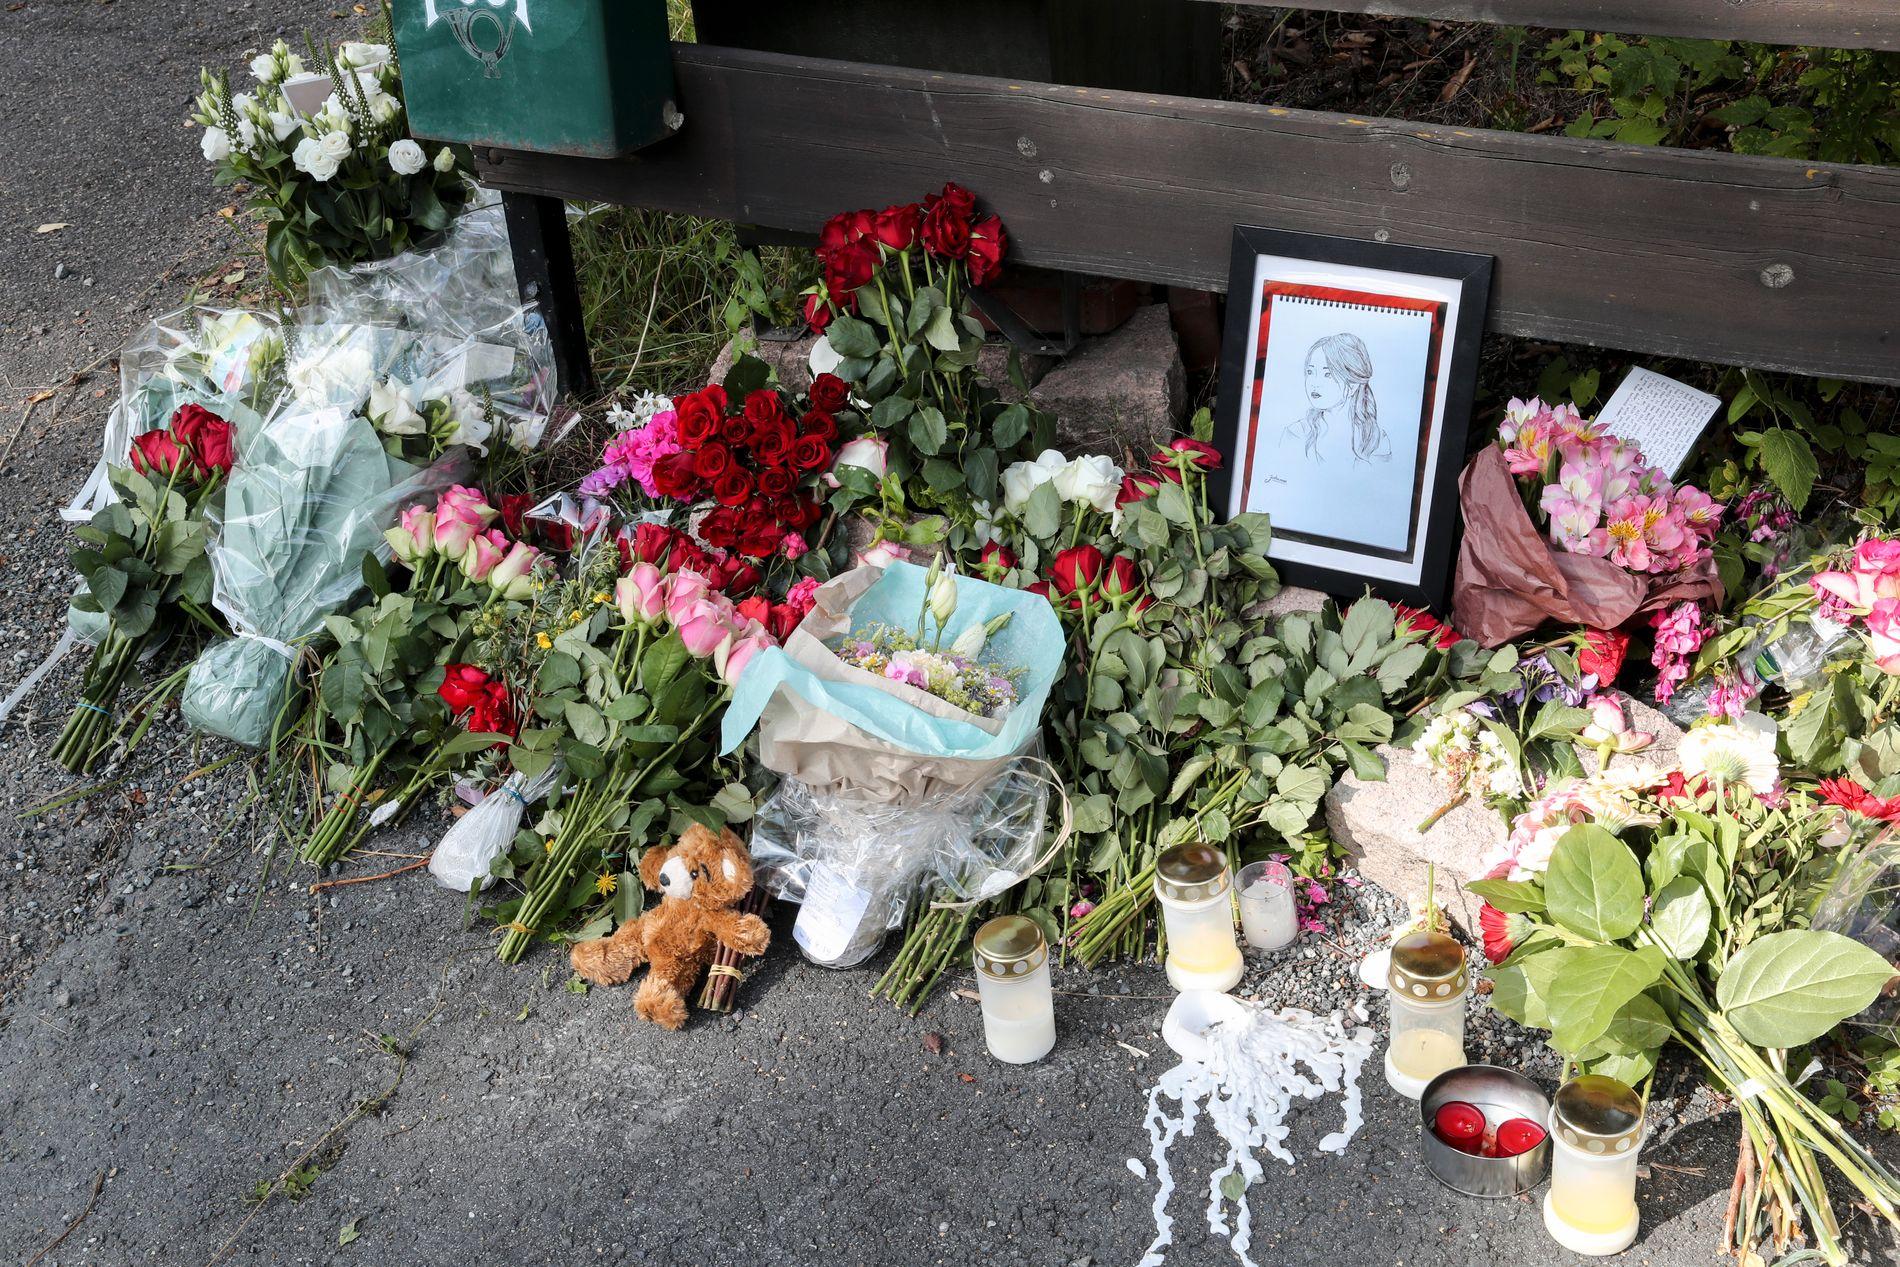 MINNES: Flere har lagt ned blomster ved boligen der Johanne Zhangjia Ihle-Hansen ble funnet skutt og drept lørdag.